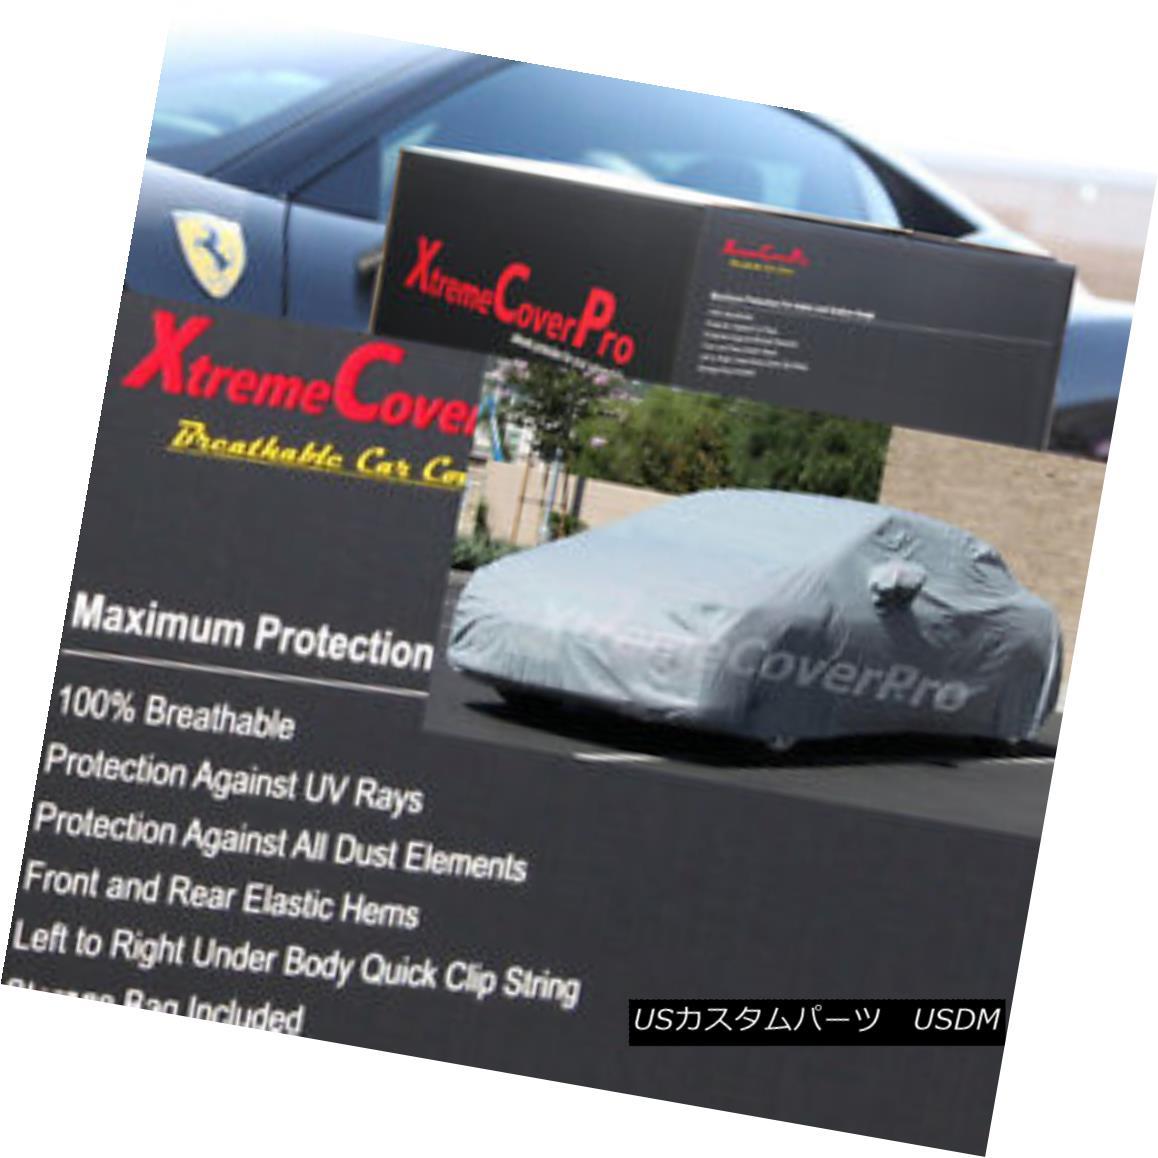 カーカバー 1999 2000 2001 2002 Chevy Cavalier Sedan Breathable Car Cover w/MirrorPocket 1999 2000 2001 2002シボレー・キャバリア・セダン通気性車カバー付き(MirrorPocket)